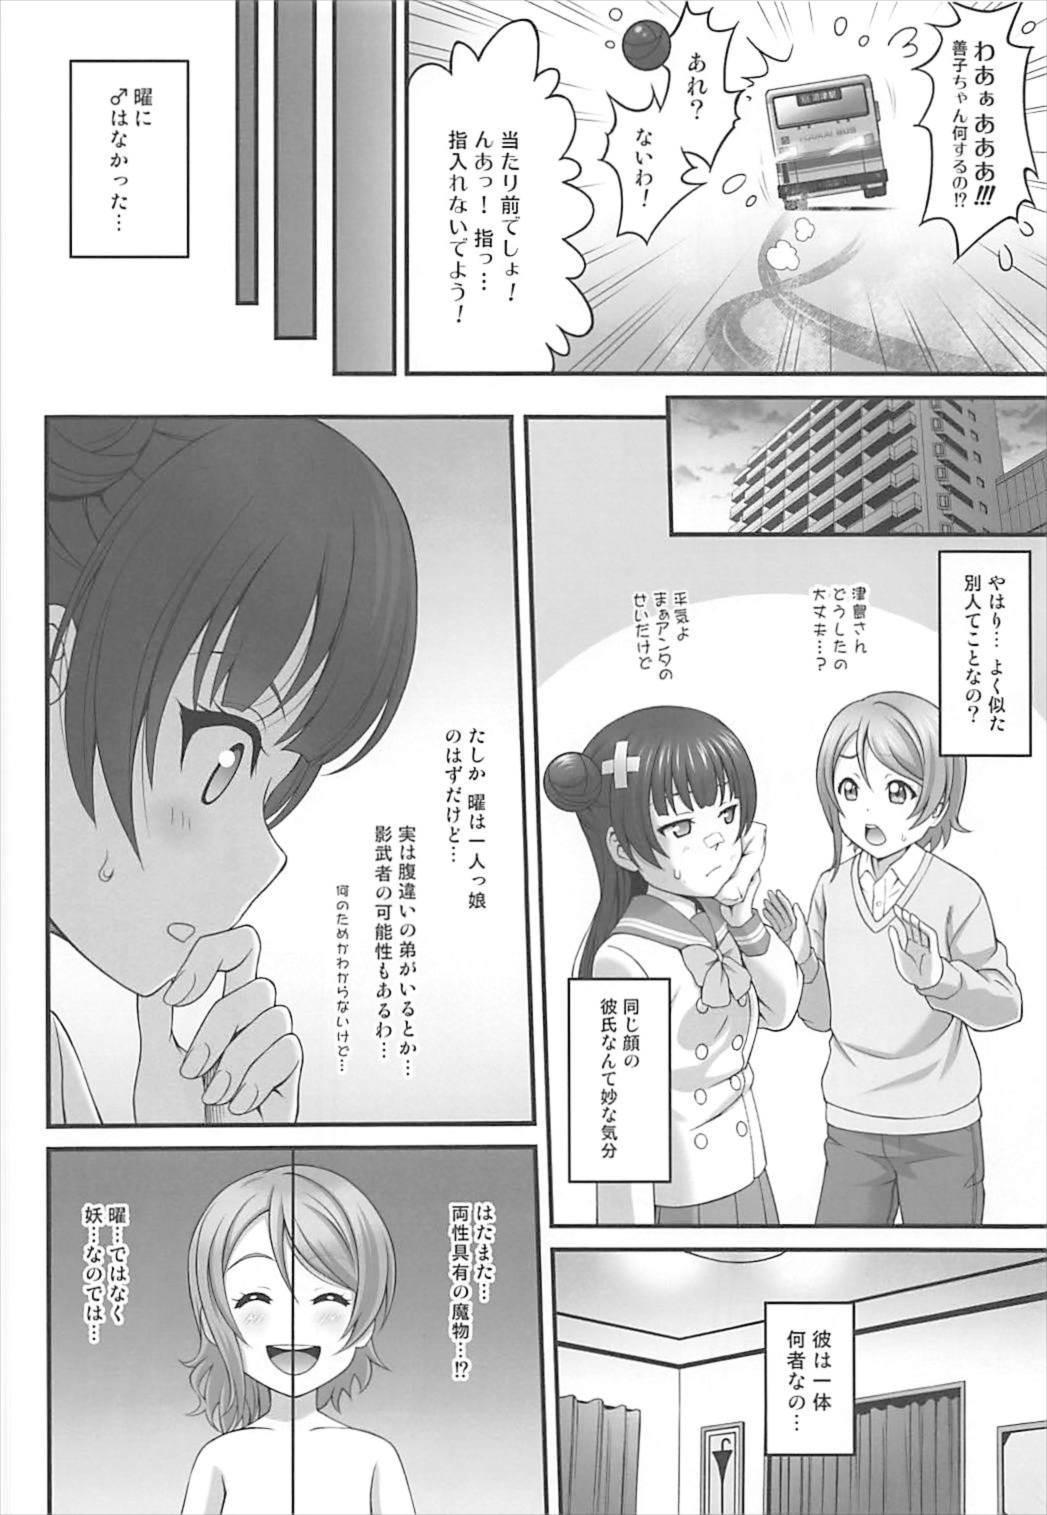 Himitsu no Yoshiko-chan 8